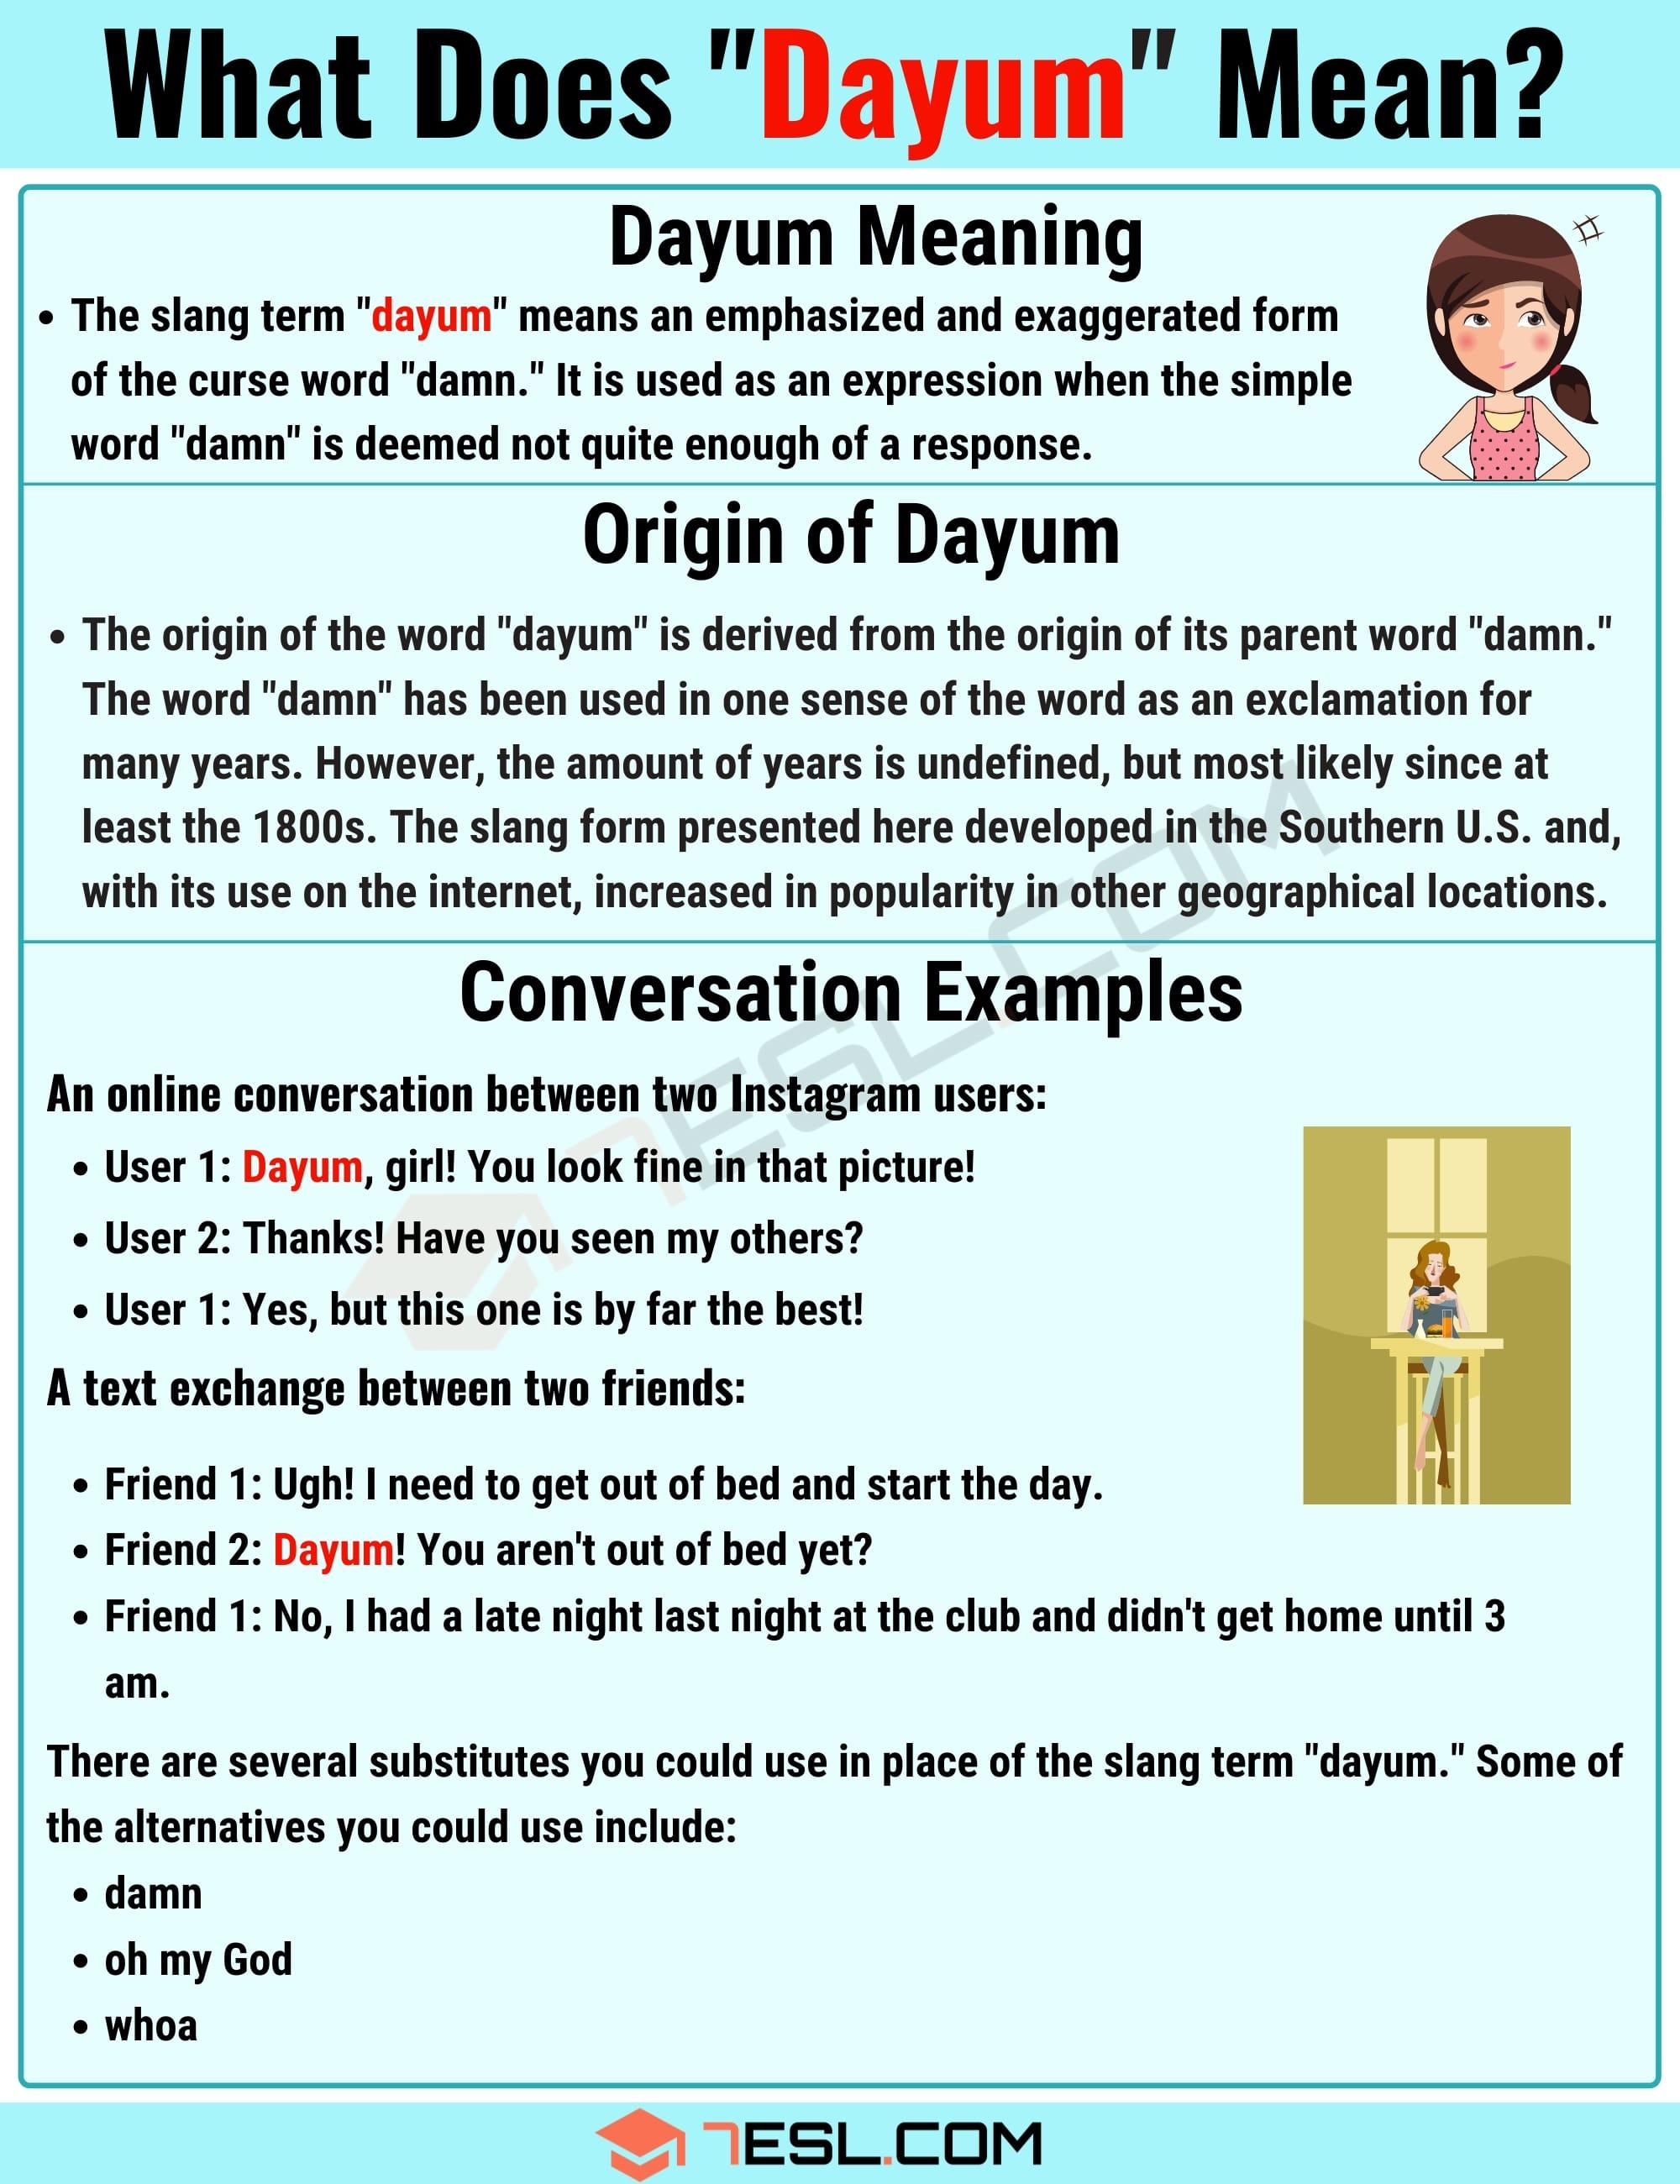 Dayum